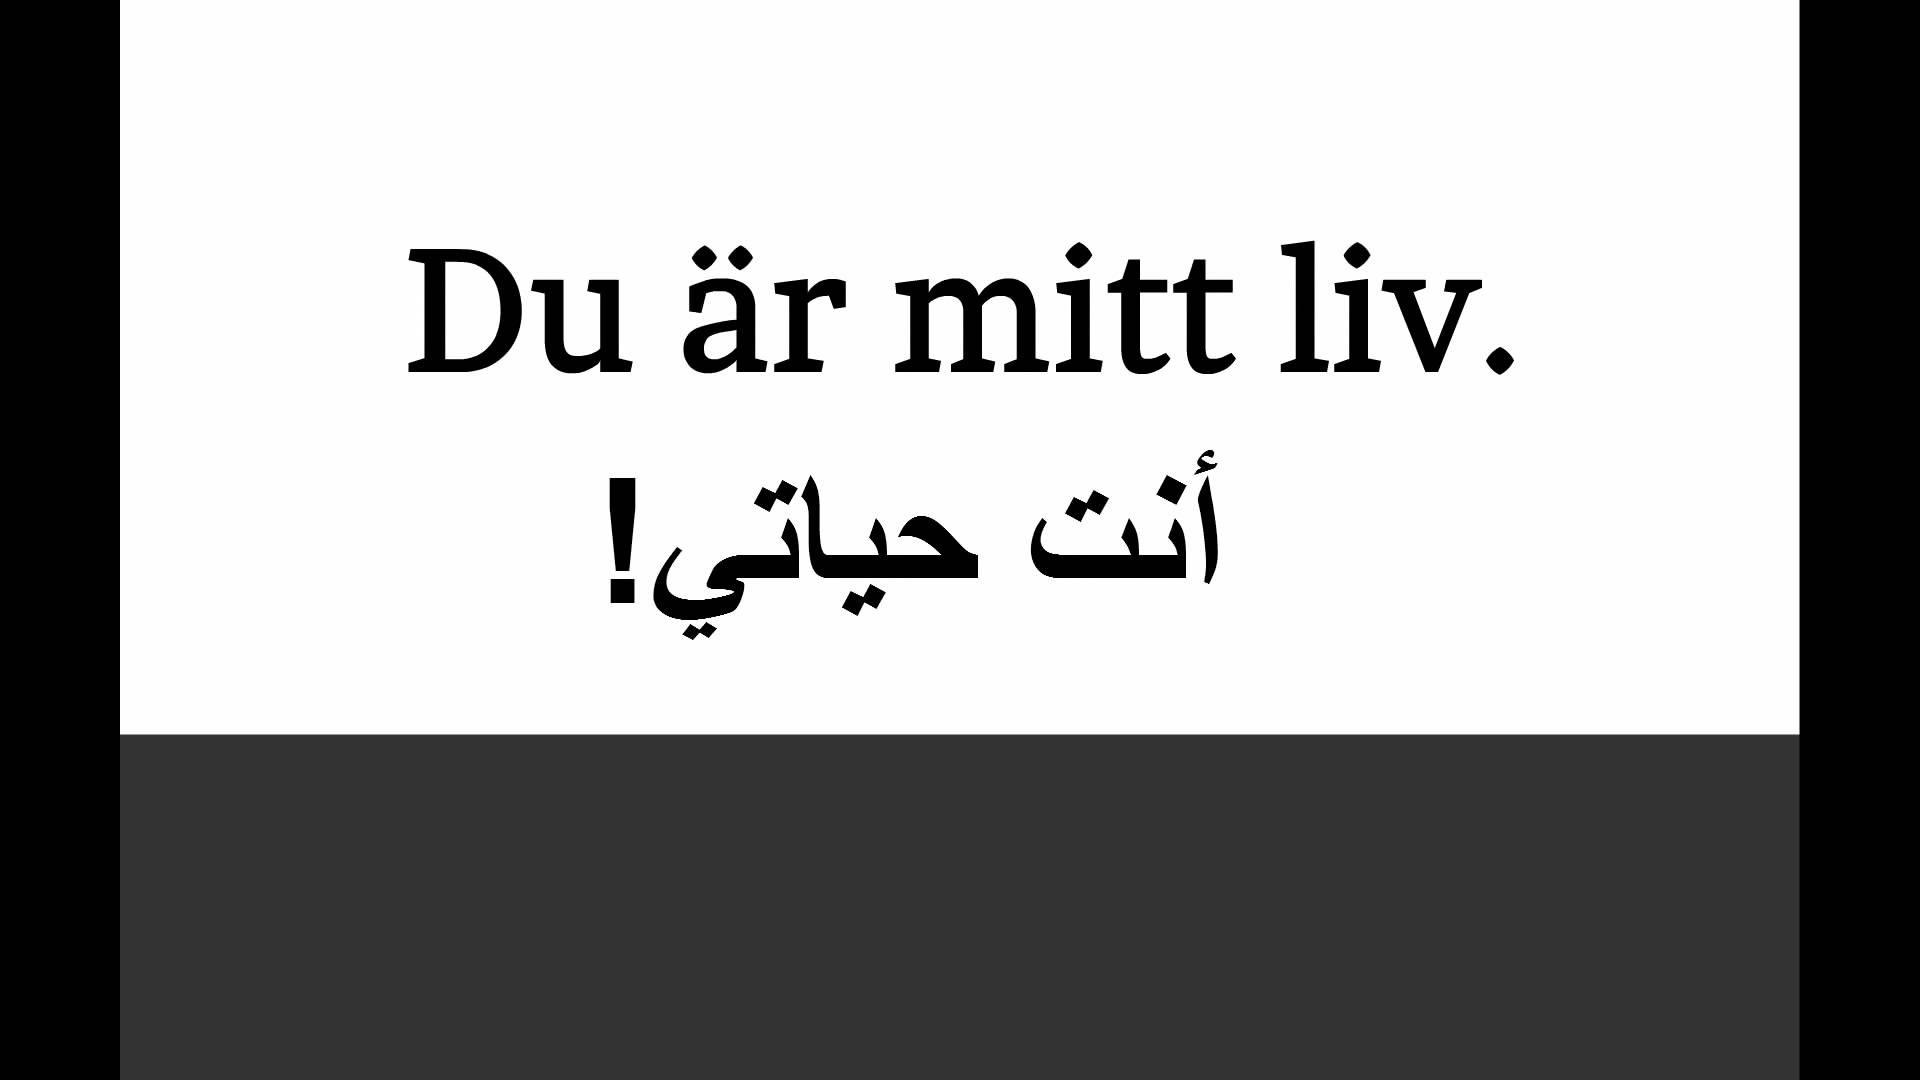 كلام جميل عن الحب بالانجليزي مترجم بالعربي Aiqtabas Blog